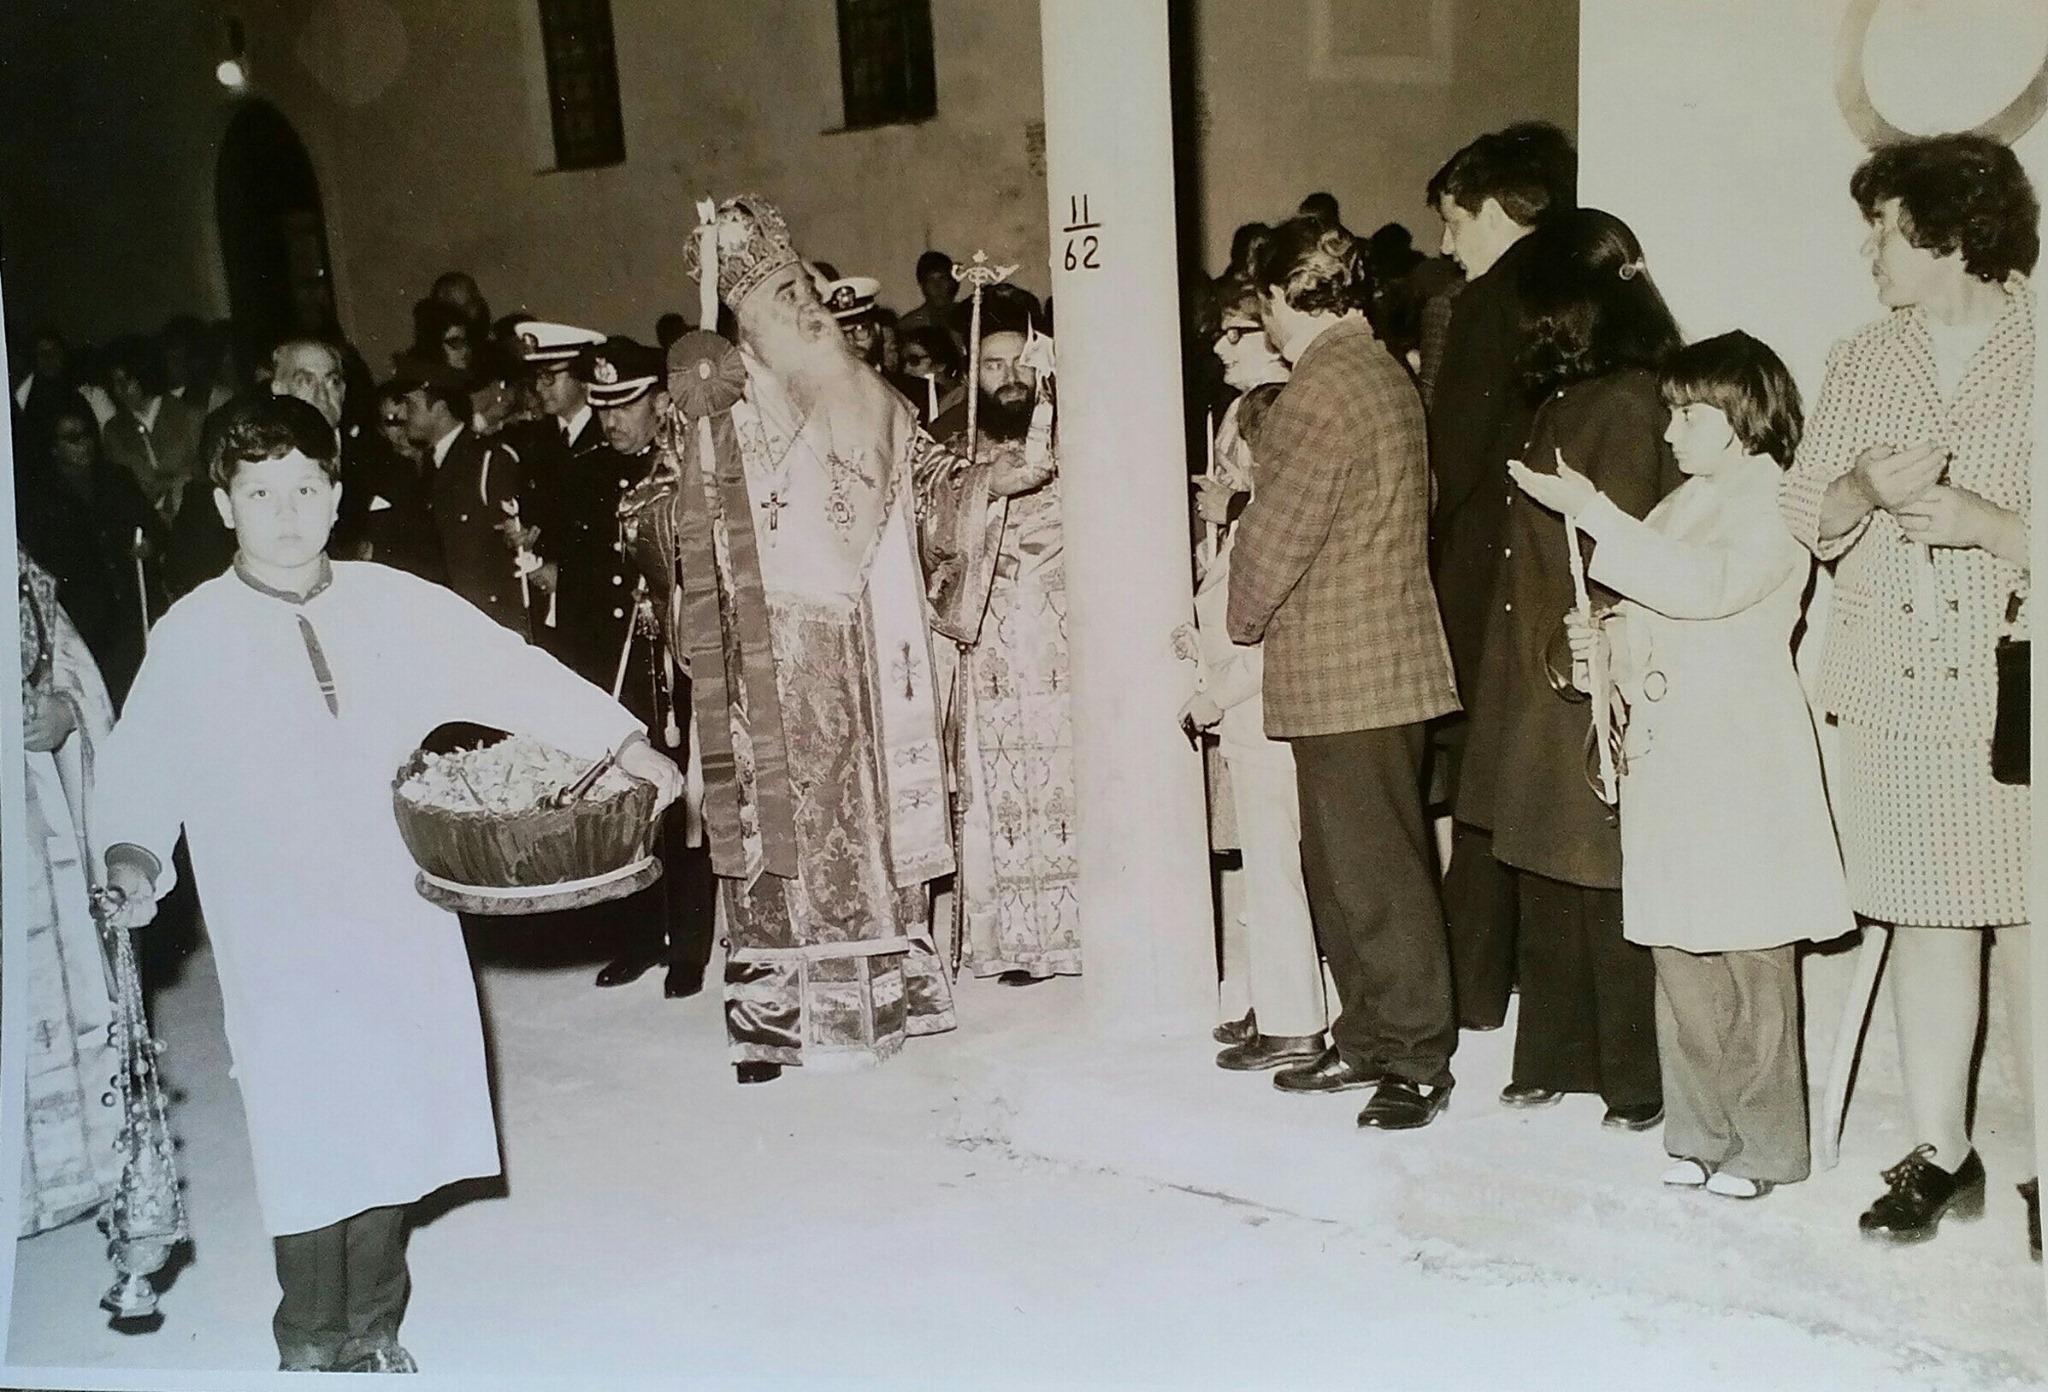 Η Ανάσταση του 1974  Σπάνιες φωτογραφίες εκείνης της εποχής